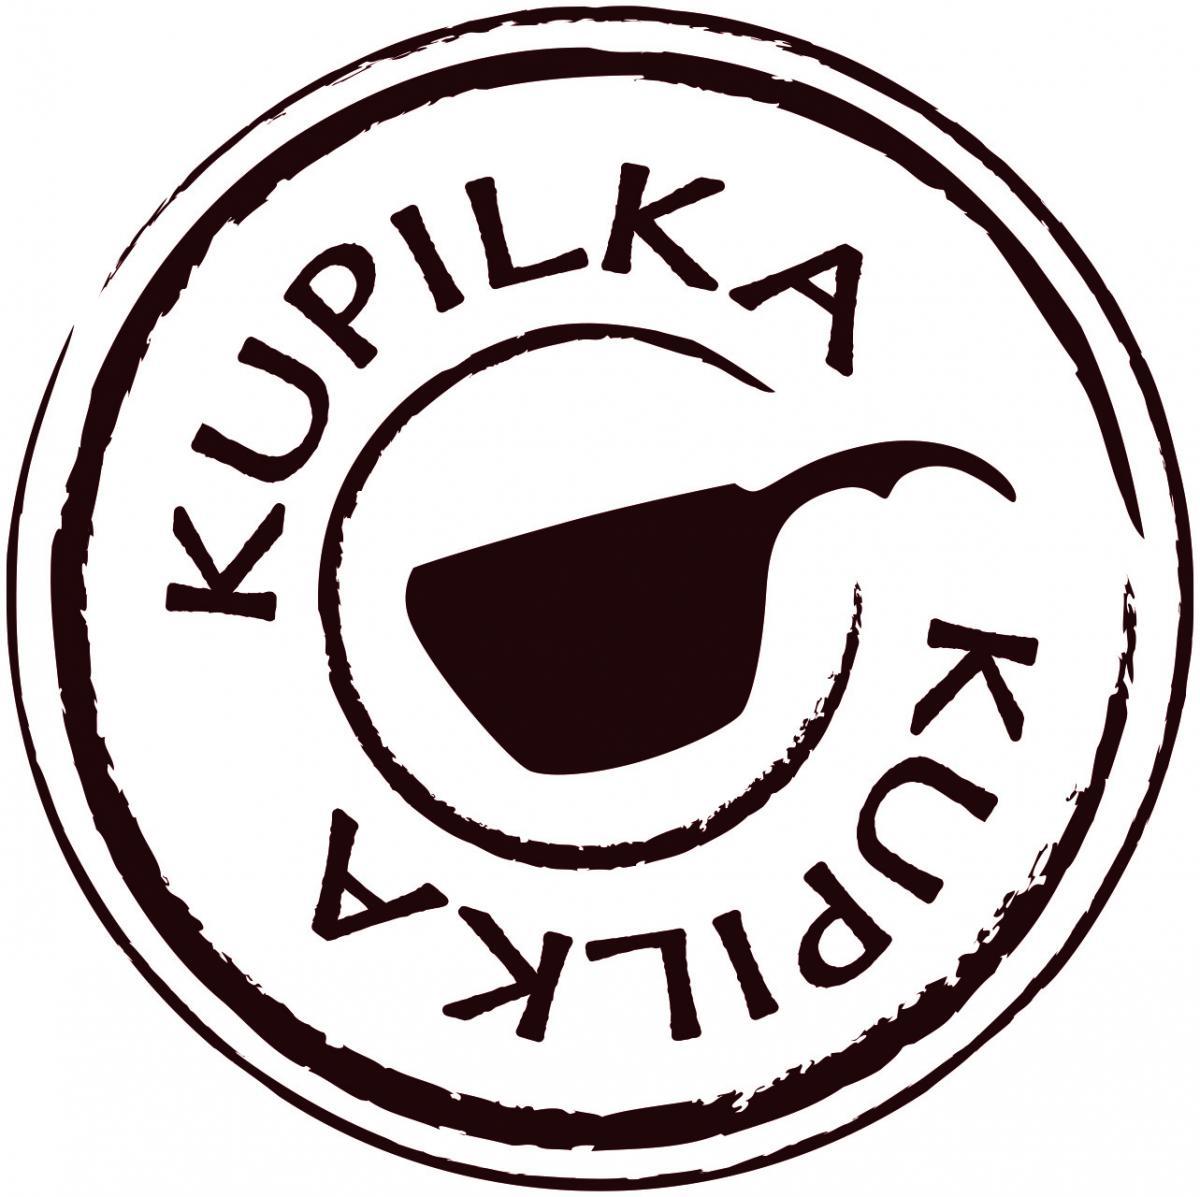 kupilka_stamp_logo_hi-res.jpg